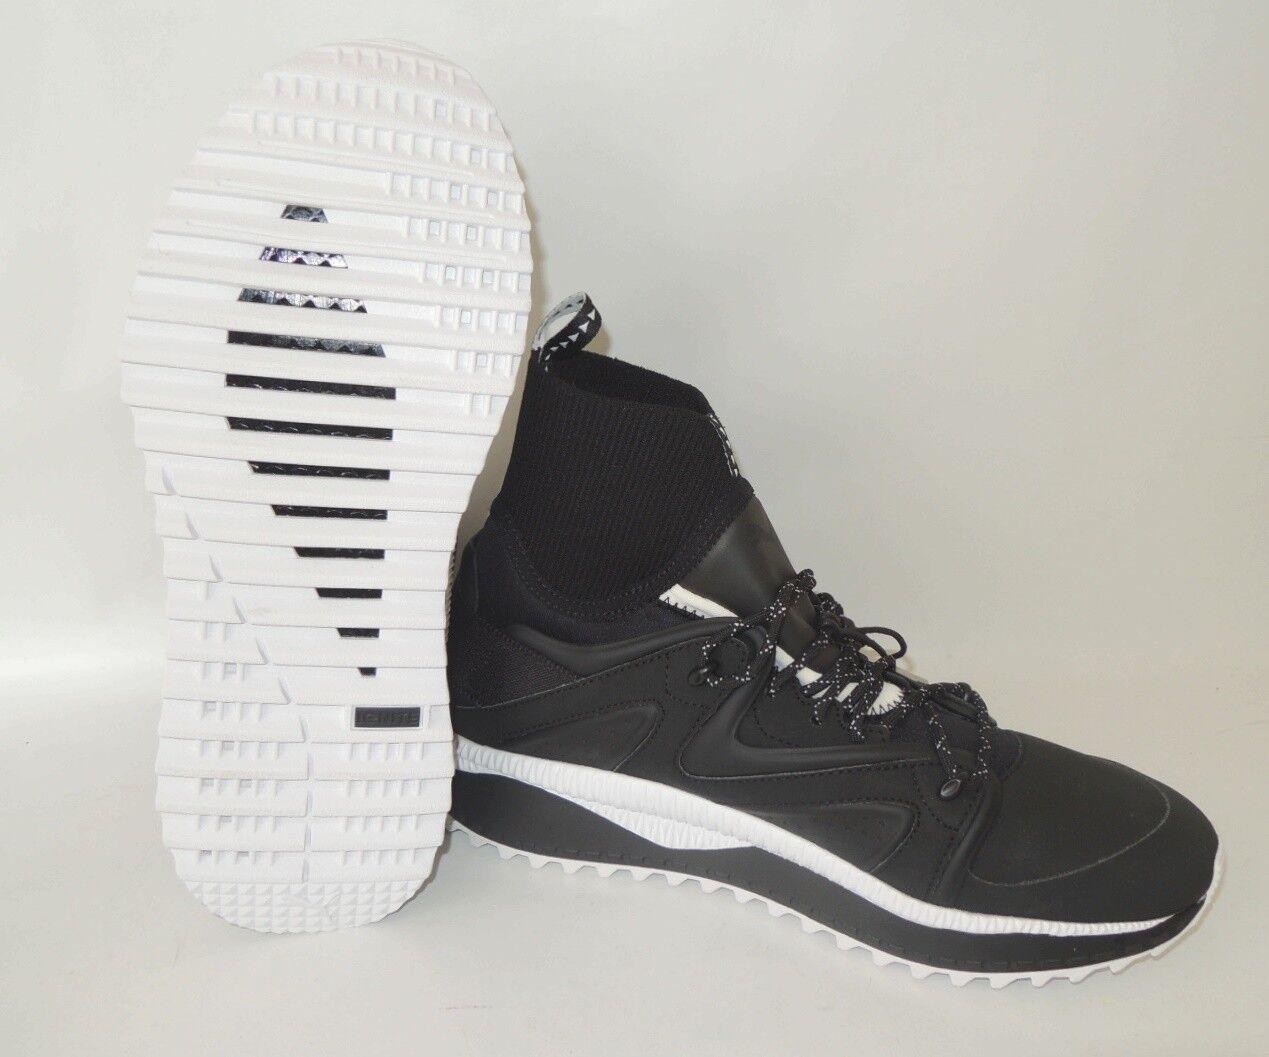 NEU Puma Ignite Tsugi Tsugi Tsugi Kori Gr. 43 Socken Schuhe Outdoor Stiefel Sneaker 363747-01 245329